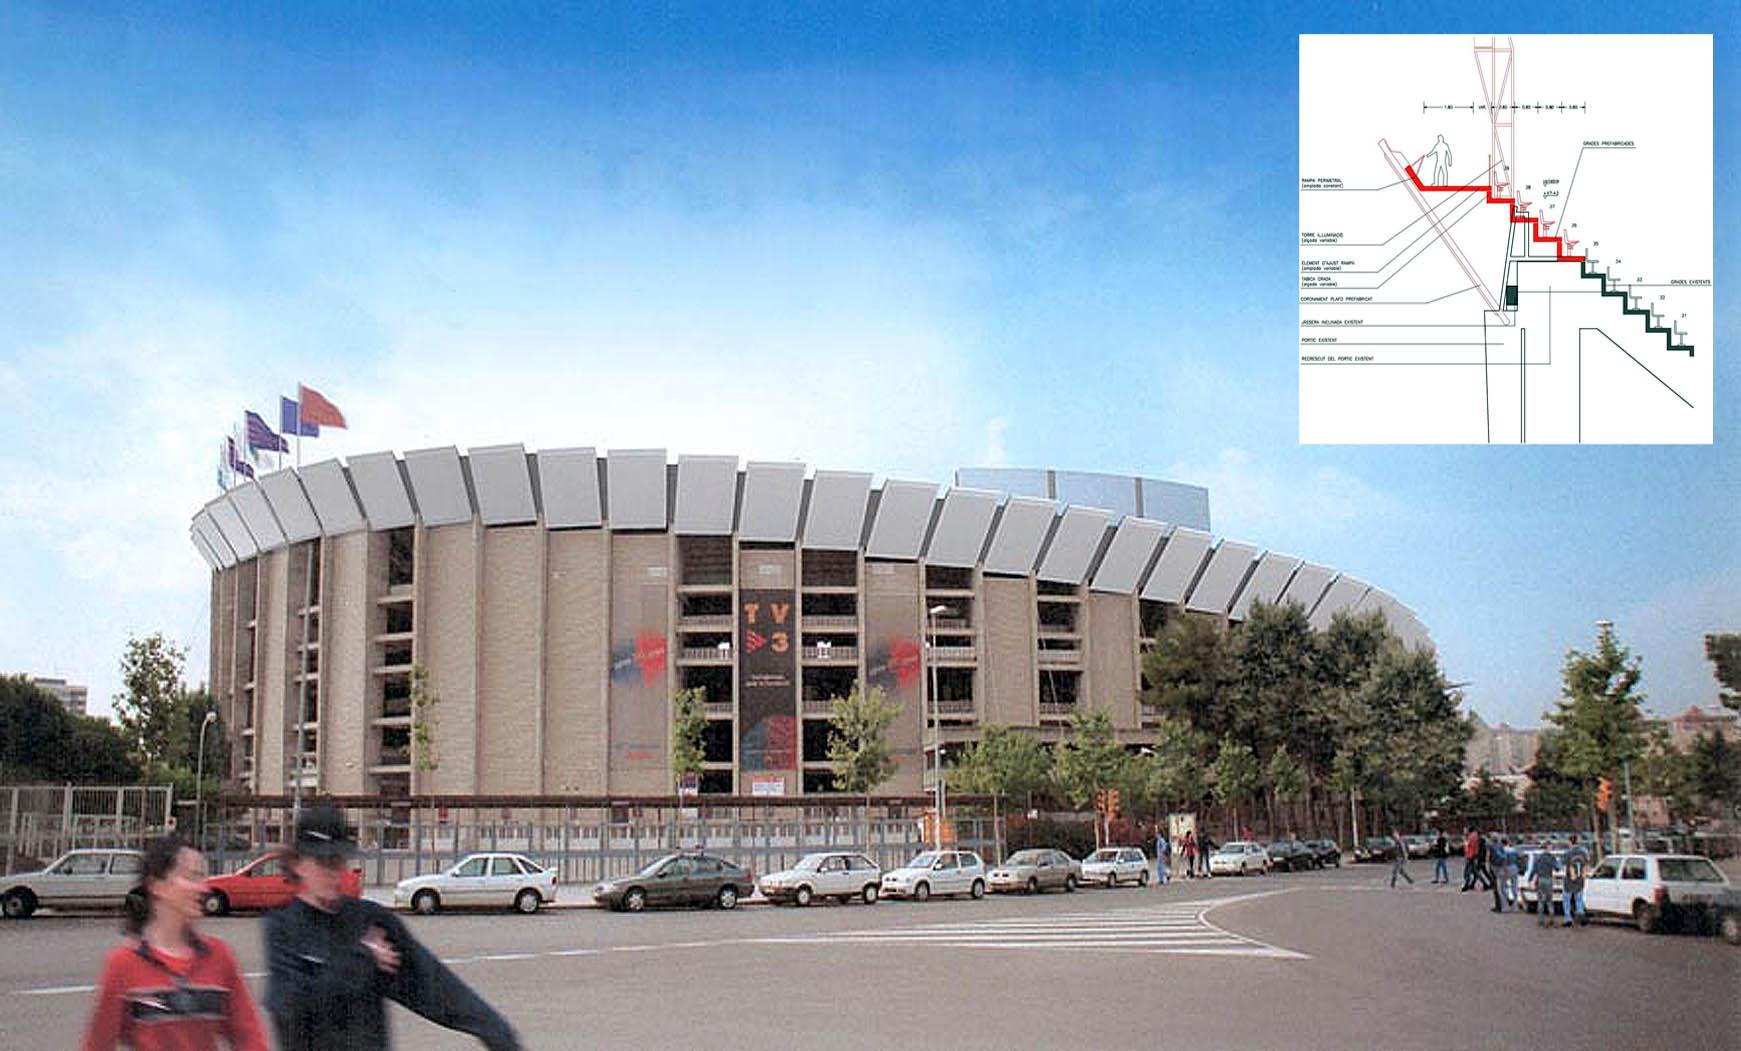 Proyecto Ejecutivo de Ampliación de la 3ª grada del Camp Nou y remate superior (2001)